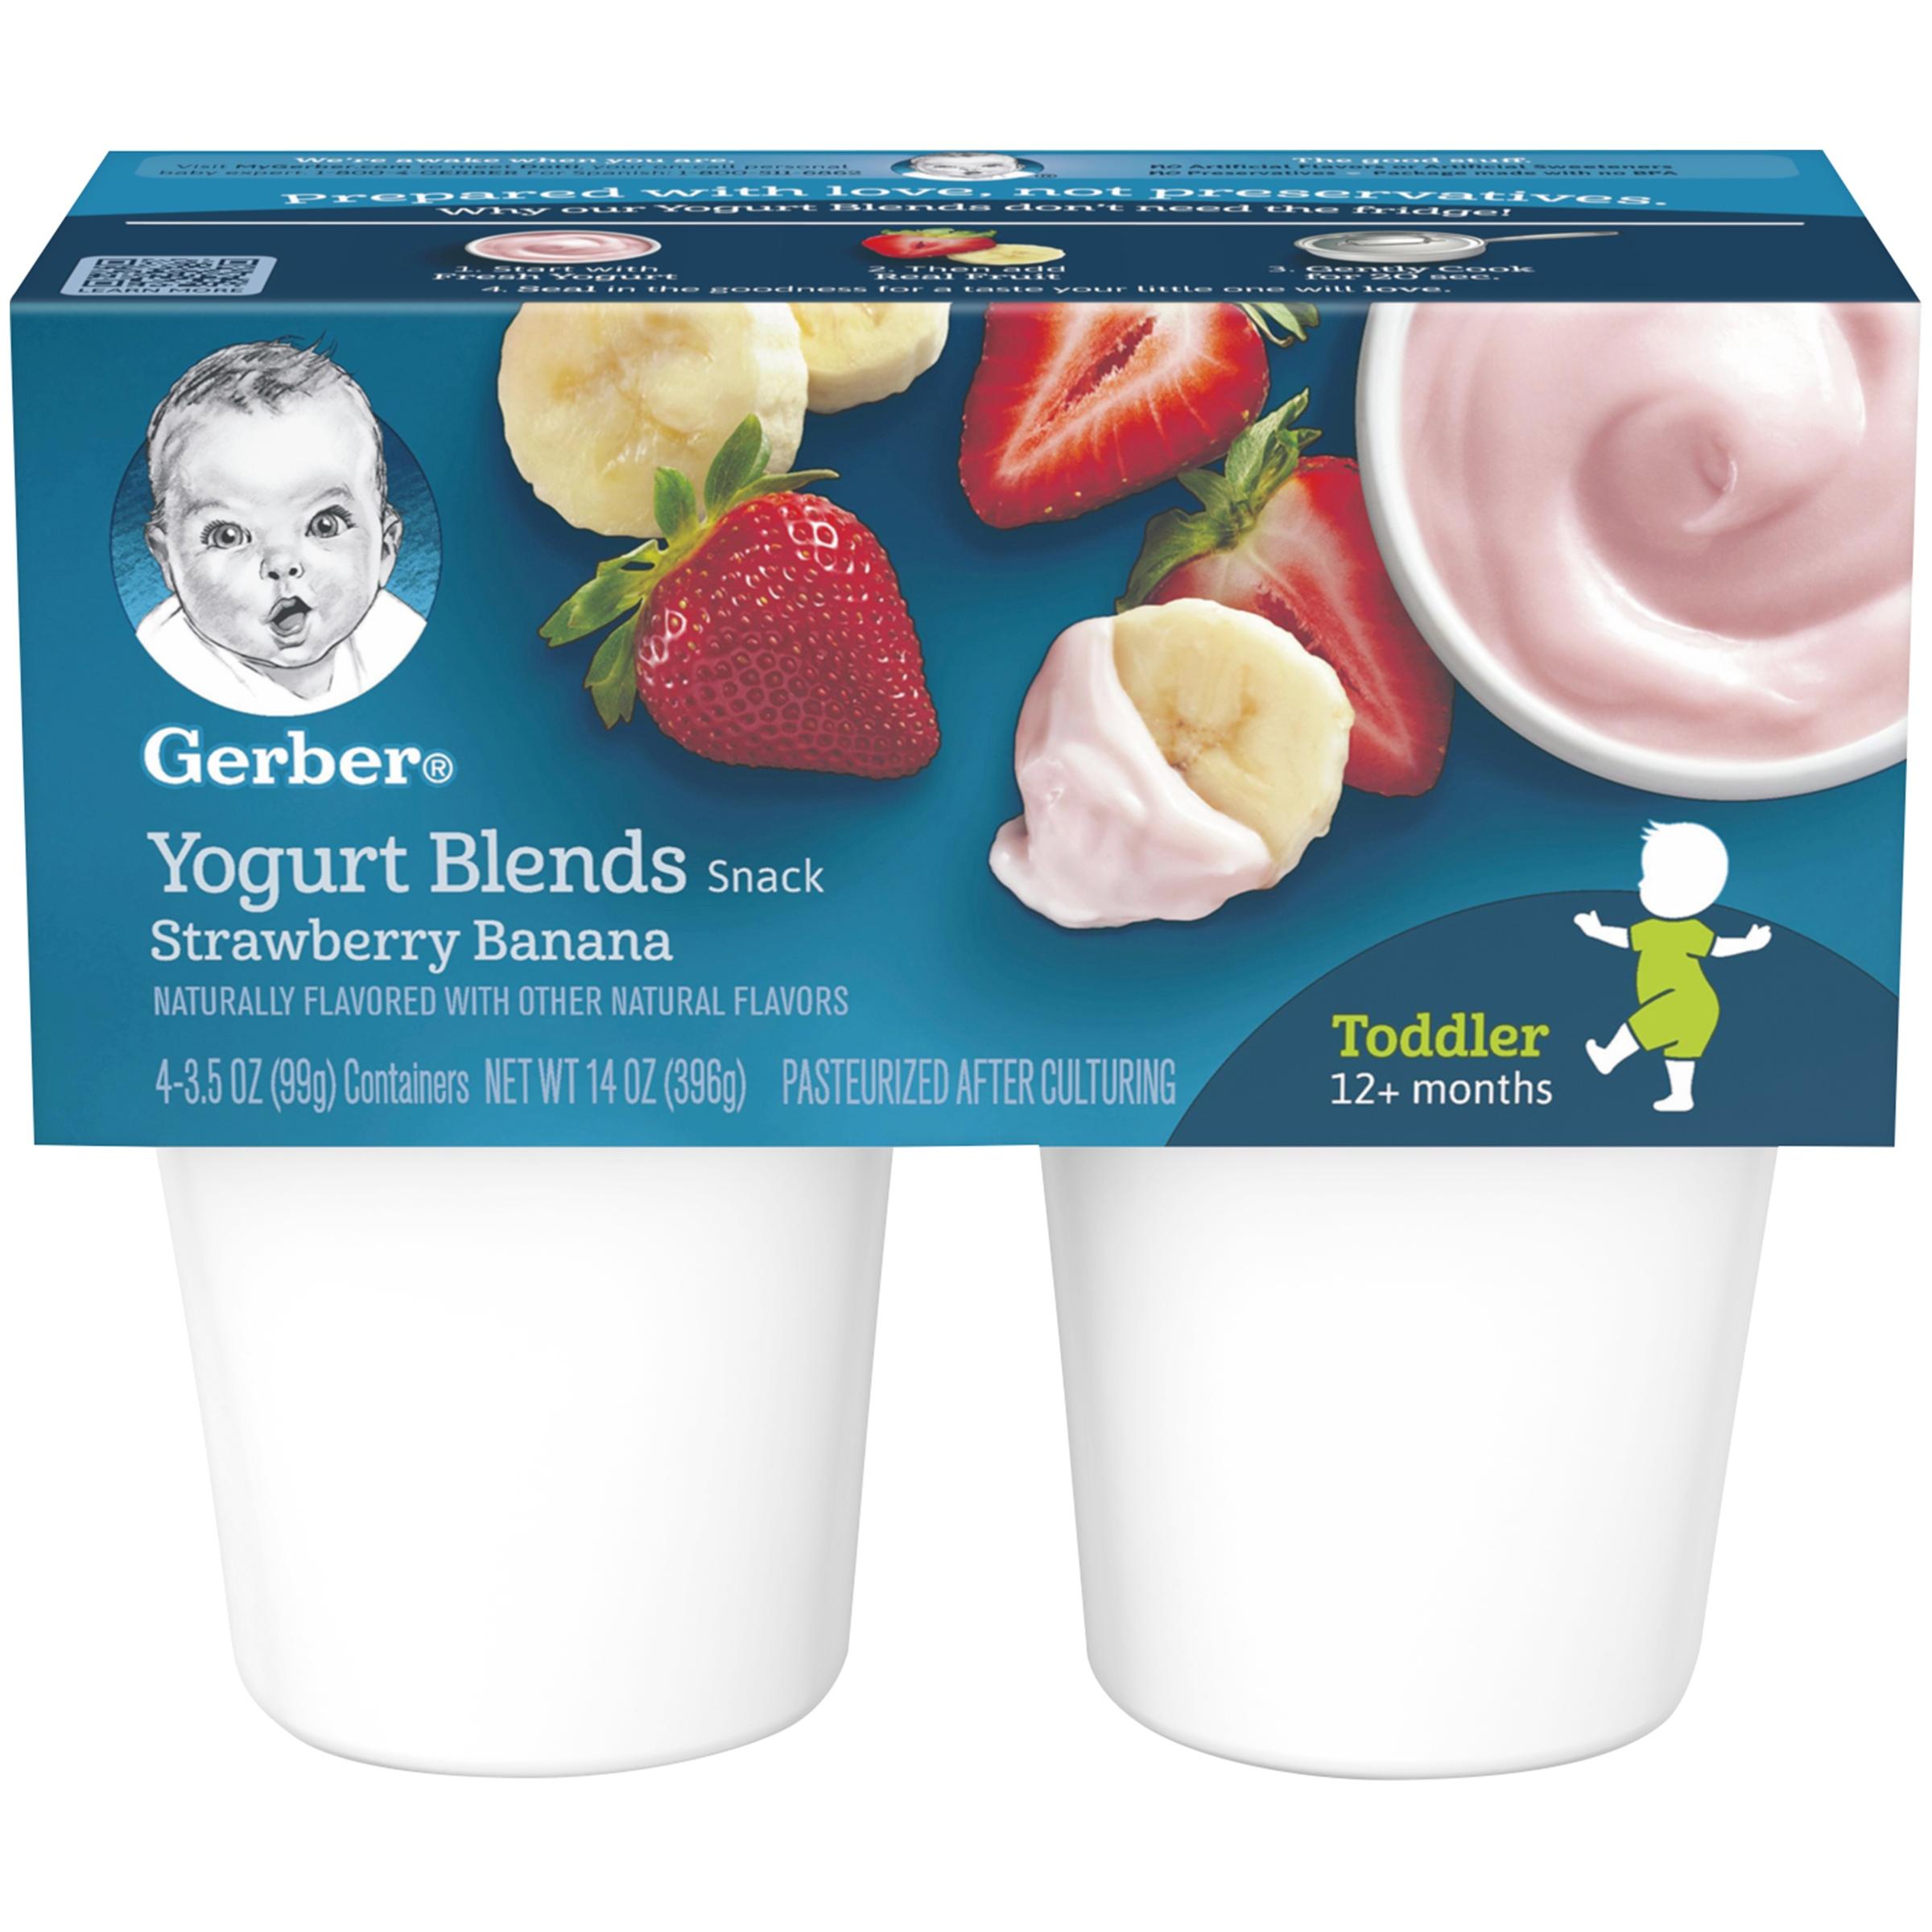 Gerber Yogurt Blends Snack Strawberry Banana Yogurt 4-3.5 oz. Cups